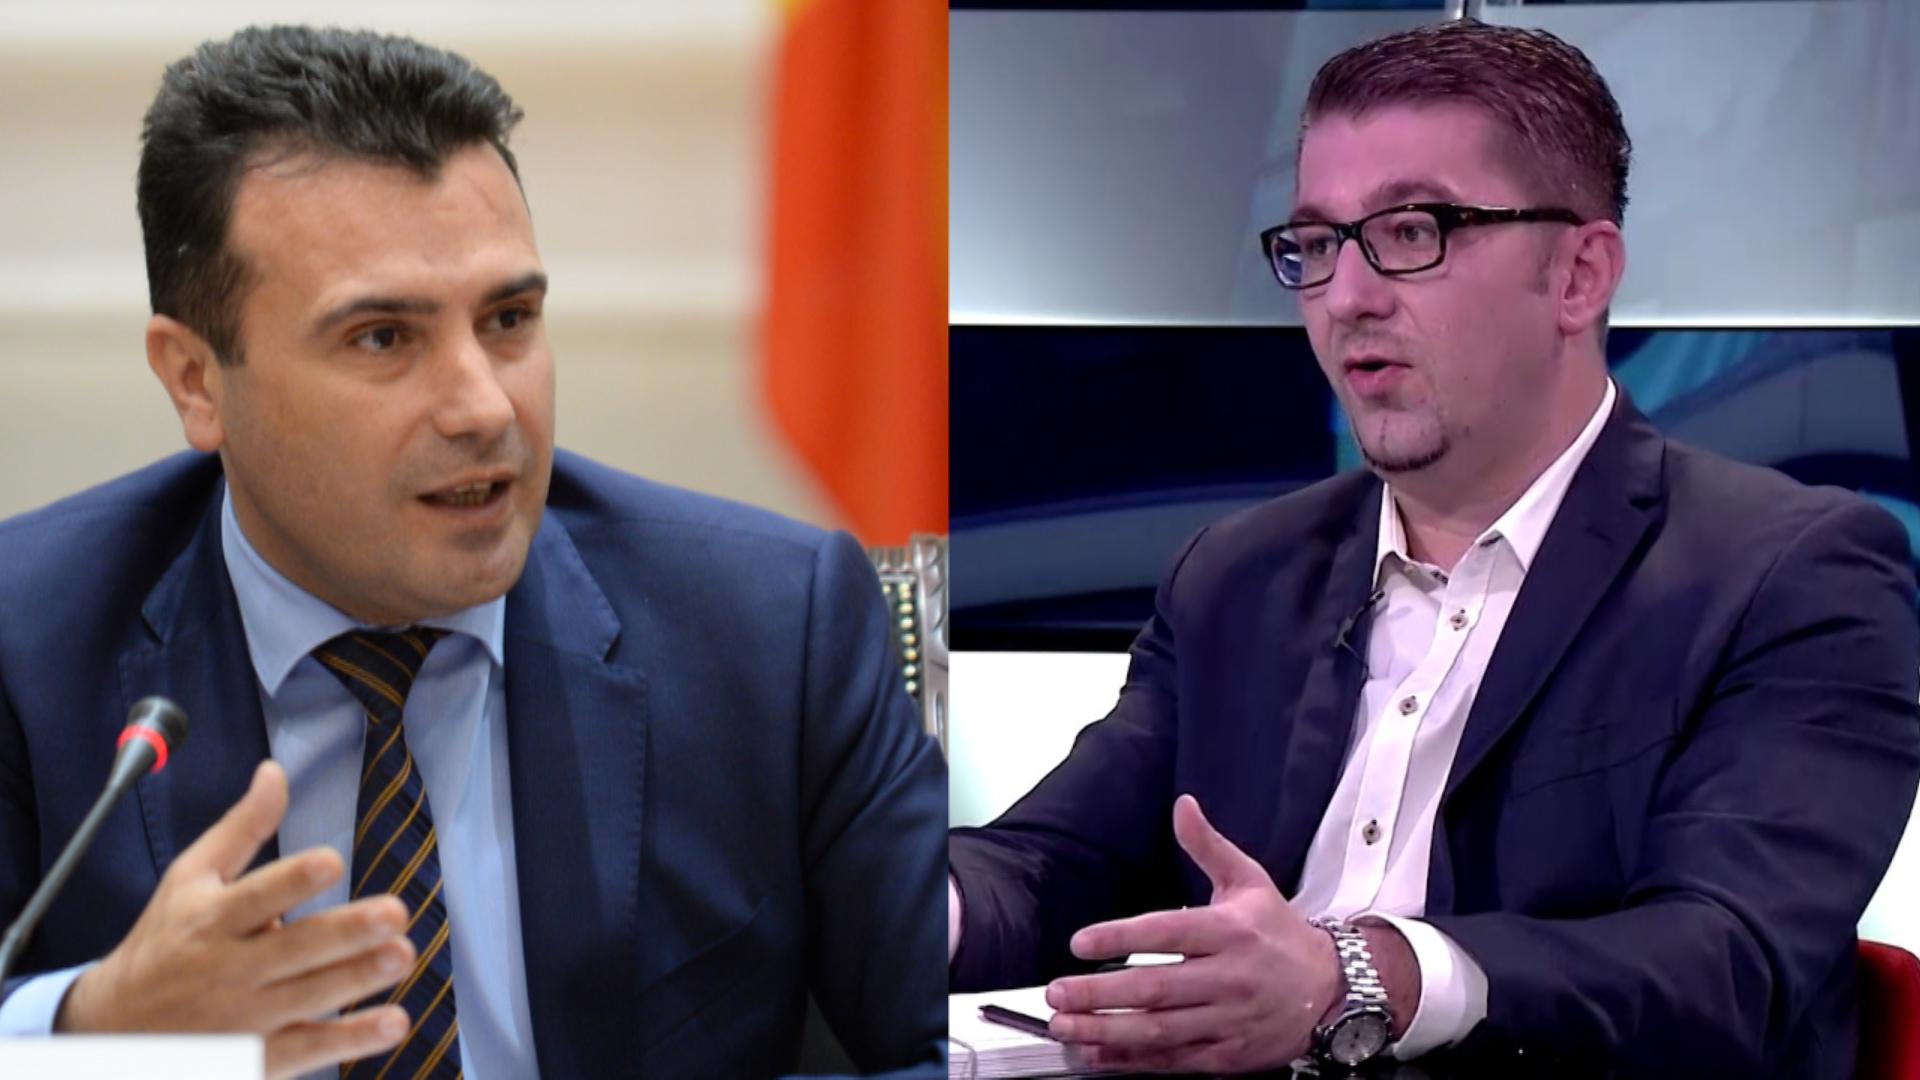 Σκόπια: Η αντιπολίτευση απαιτεί πρόωρες εκλογές, η κυβέρνηση επικεντρώνεται στις μεταρρυθμίσεις